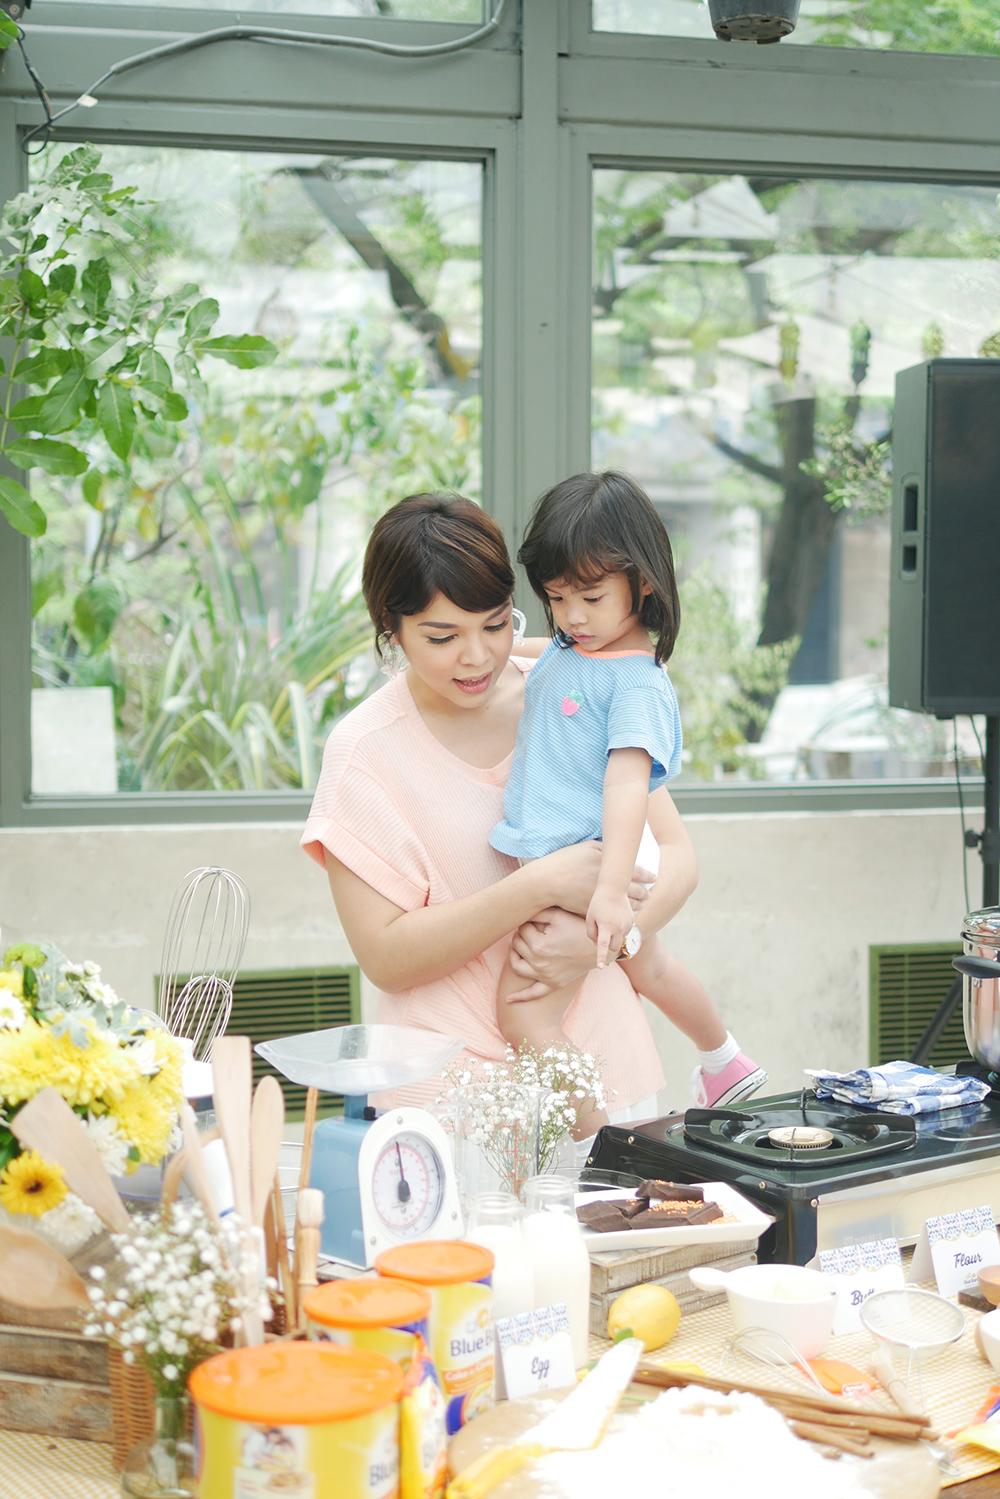 Snow sibuk tanya-tanya, ini apa, itu apa. Anaknya senang banget lihat printilan masak-memasak di acara  baking workshop.